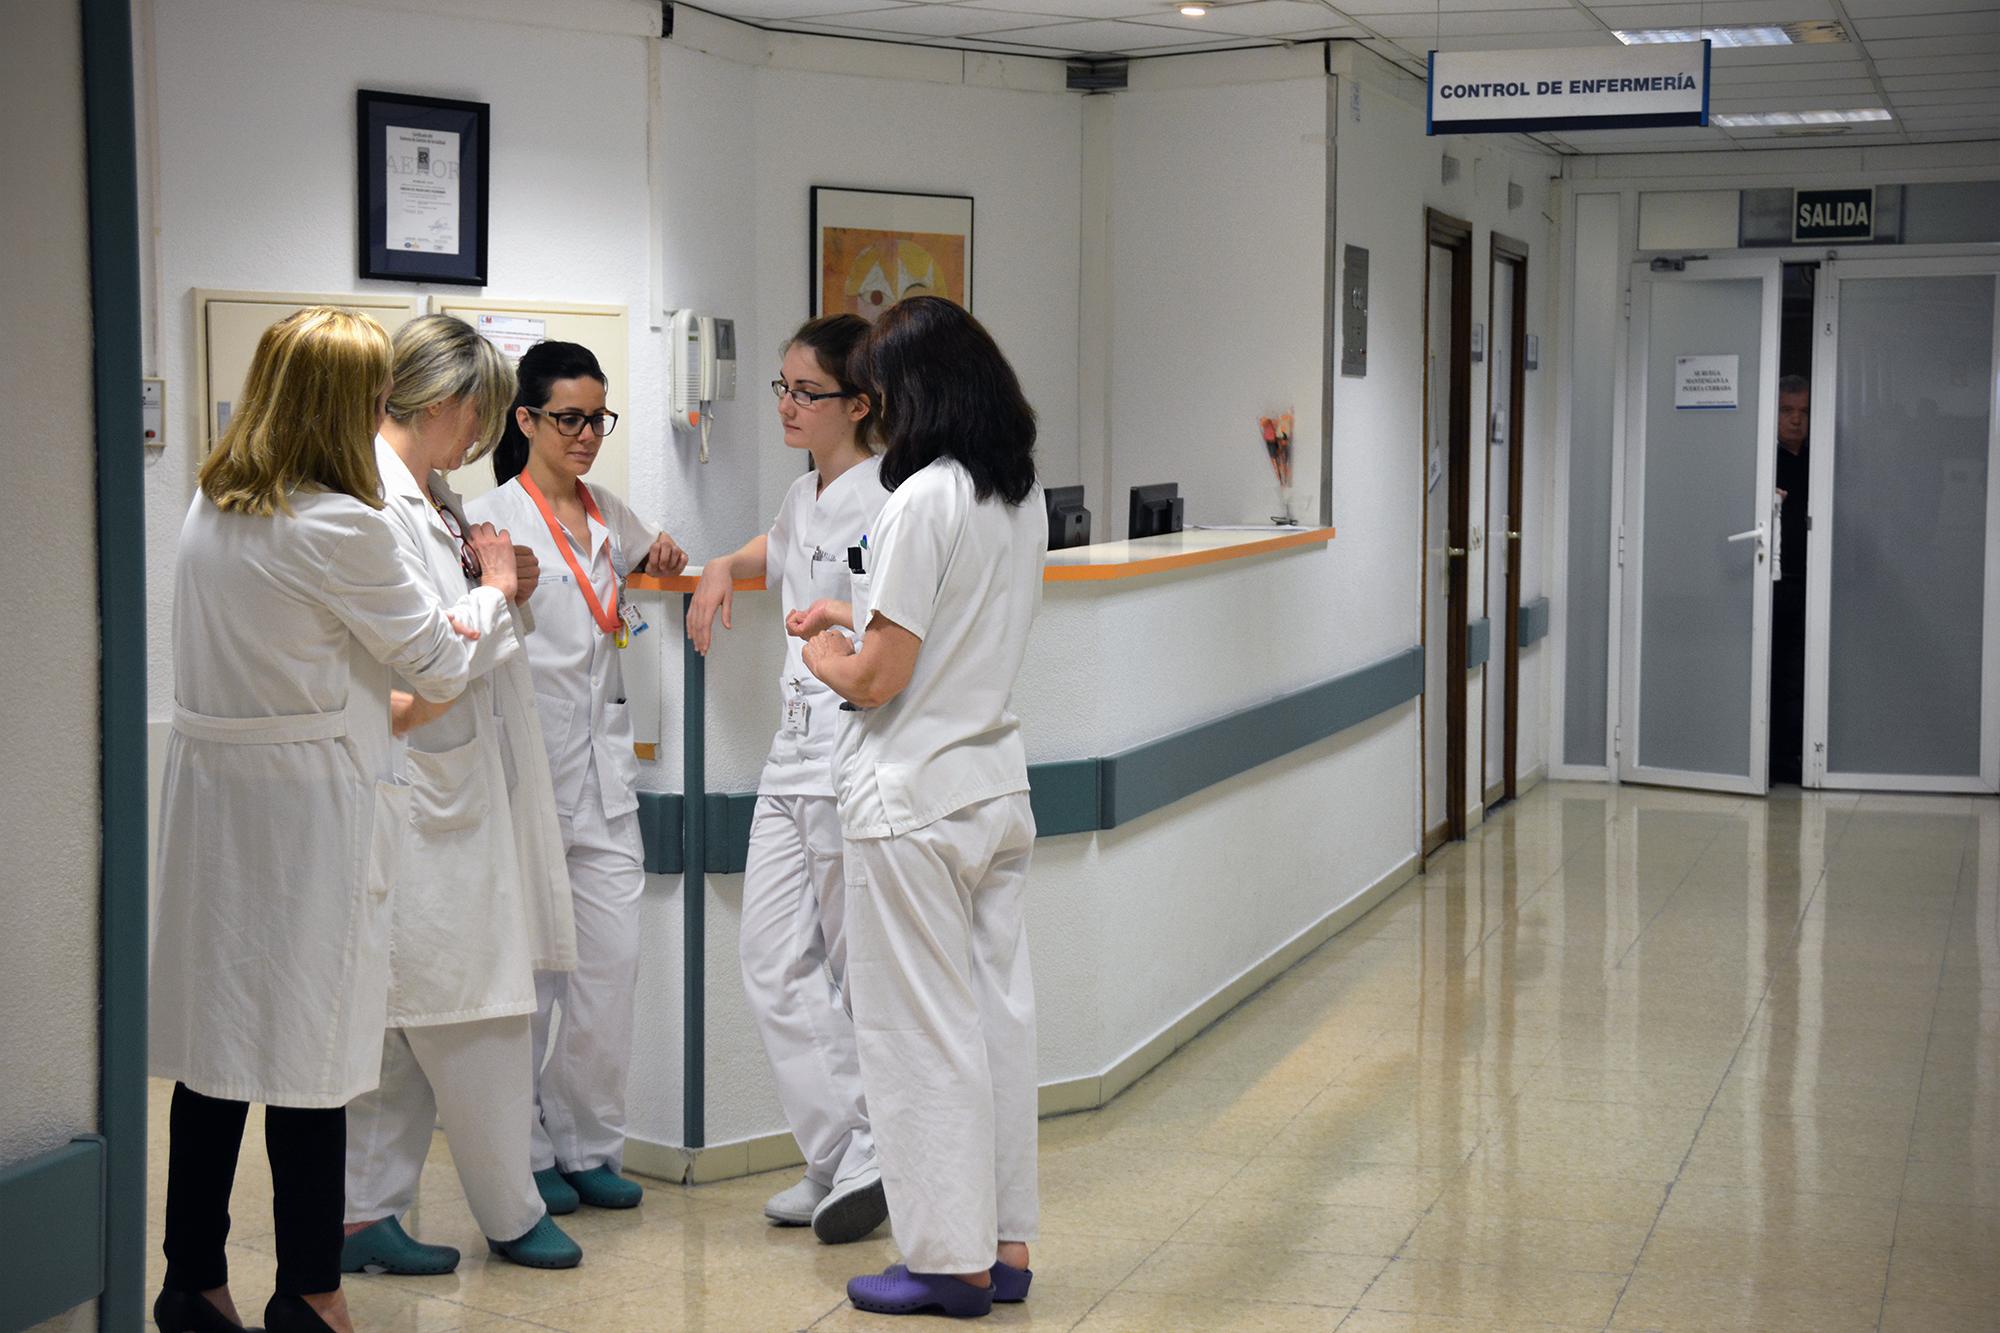 El Consejo General de Enfermería hace un llamamiento al trabajo estable de la enfermería